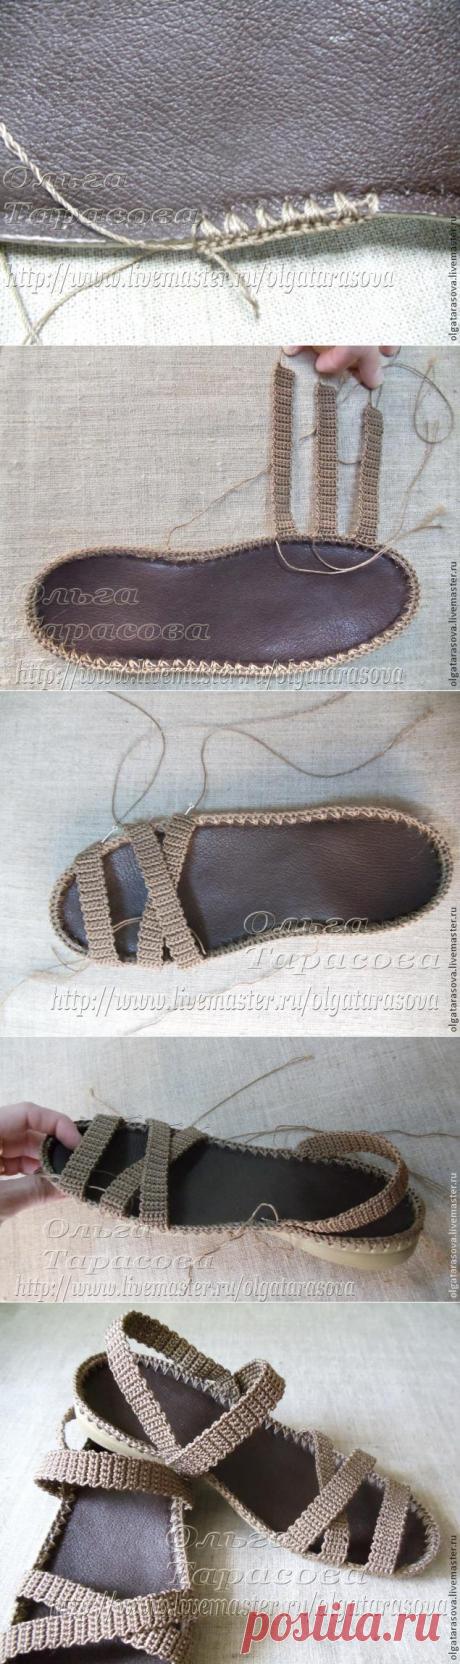 Мастер-класс: вязаные сандалии или обувь из ничего — Сделай сам, идеи для творчества - DIY Ideas